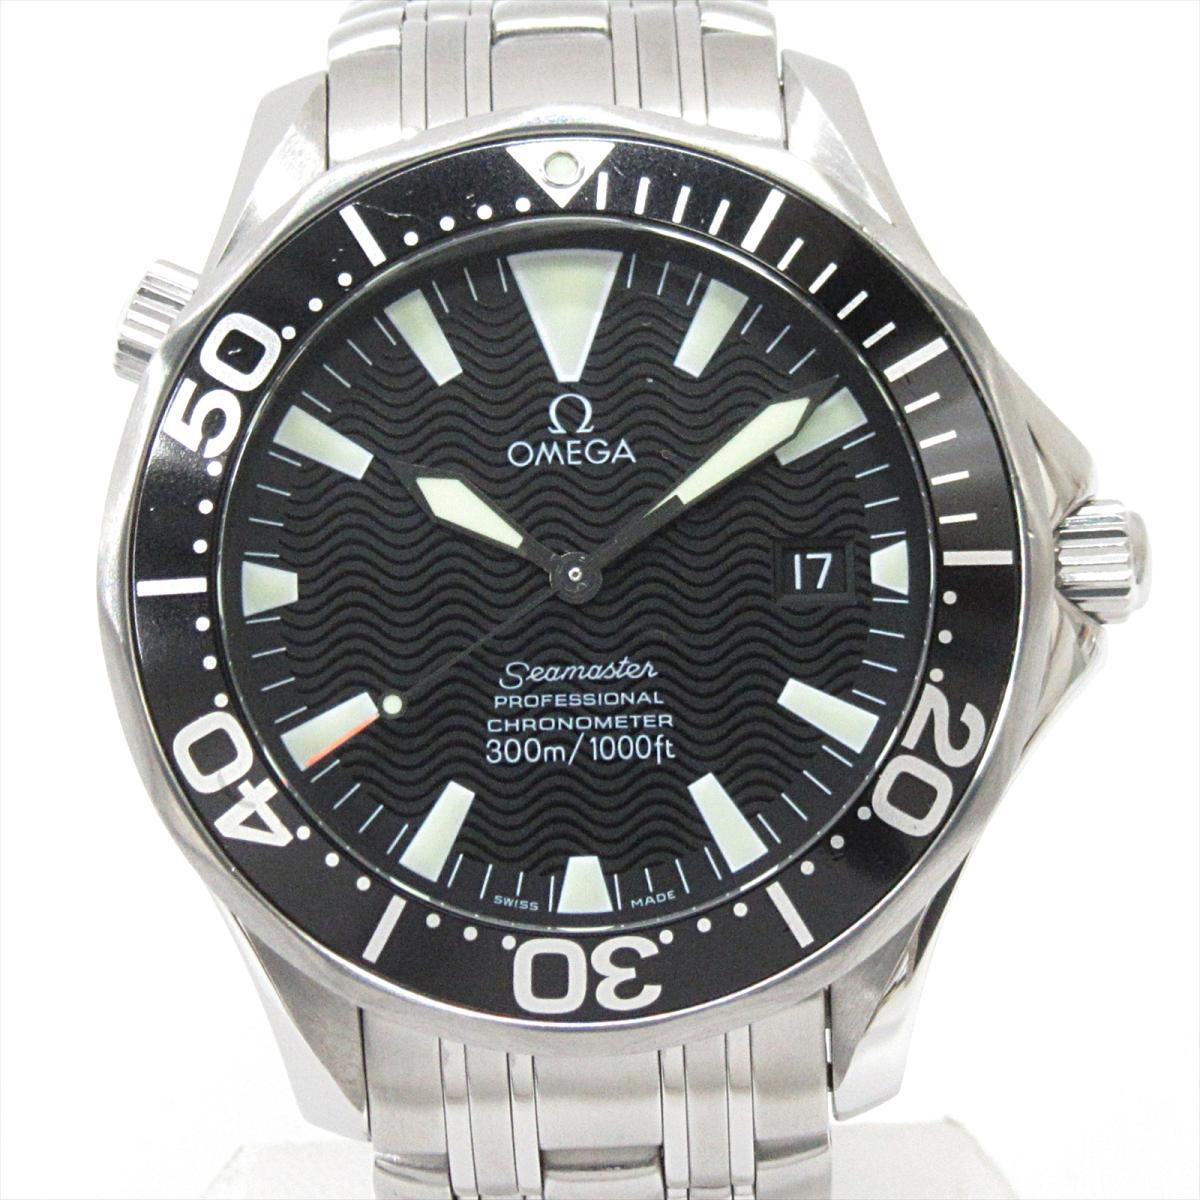 ≪期間限定≫メルマガ登録でクーポンGET! 【中古】 オメガ シーマスター プロフェッショナル 腕時計 ウォッチ メンズ ステンレススチール (SS) | OMEGA BRANDOFF ブランドオフ ブランド ブランド時計 ブランド腕時計 時計